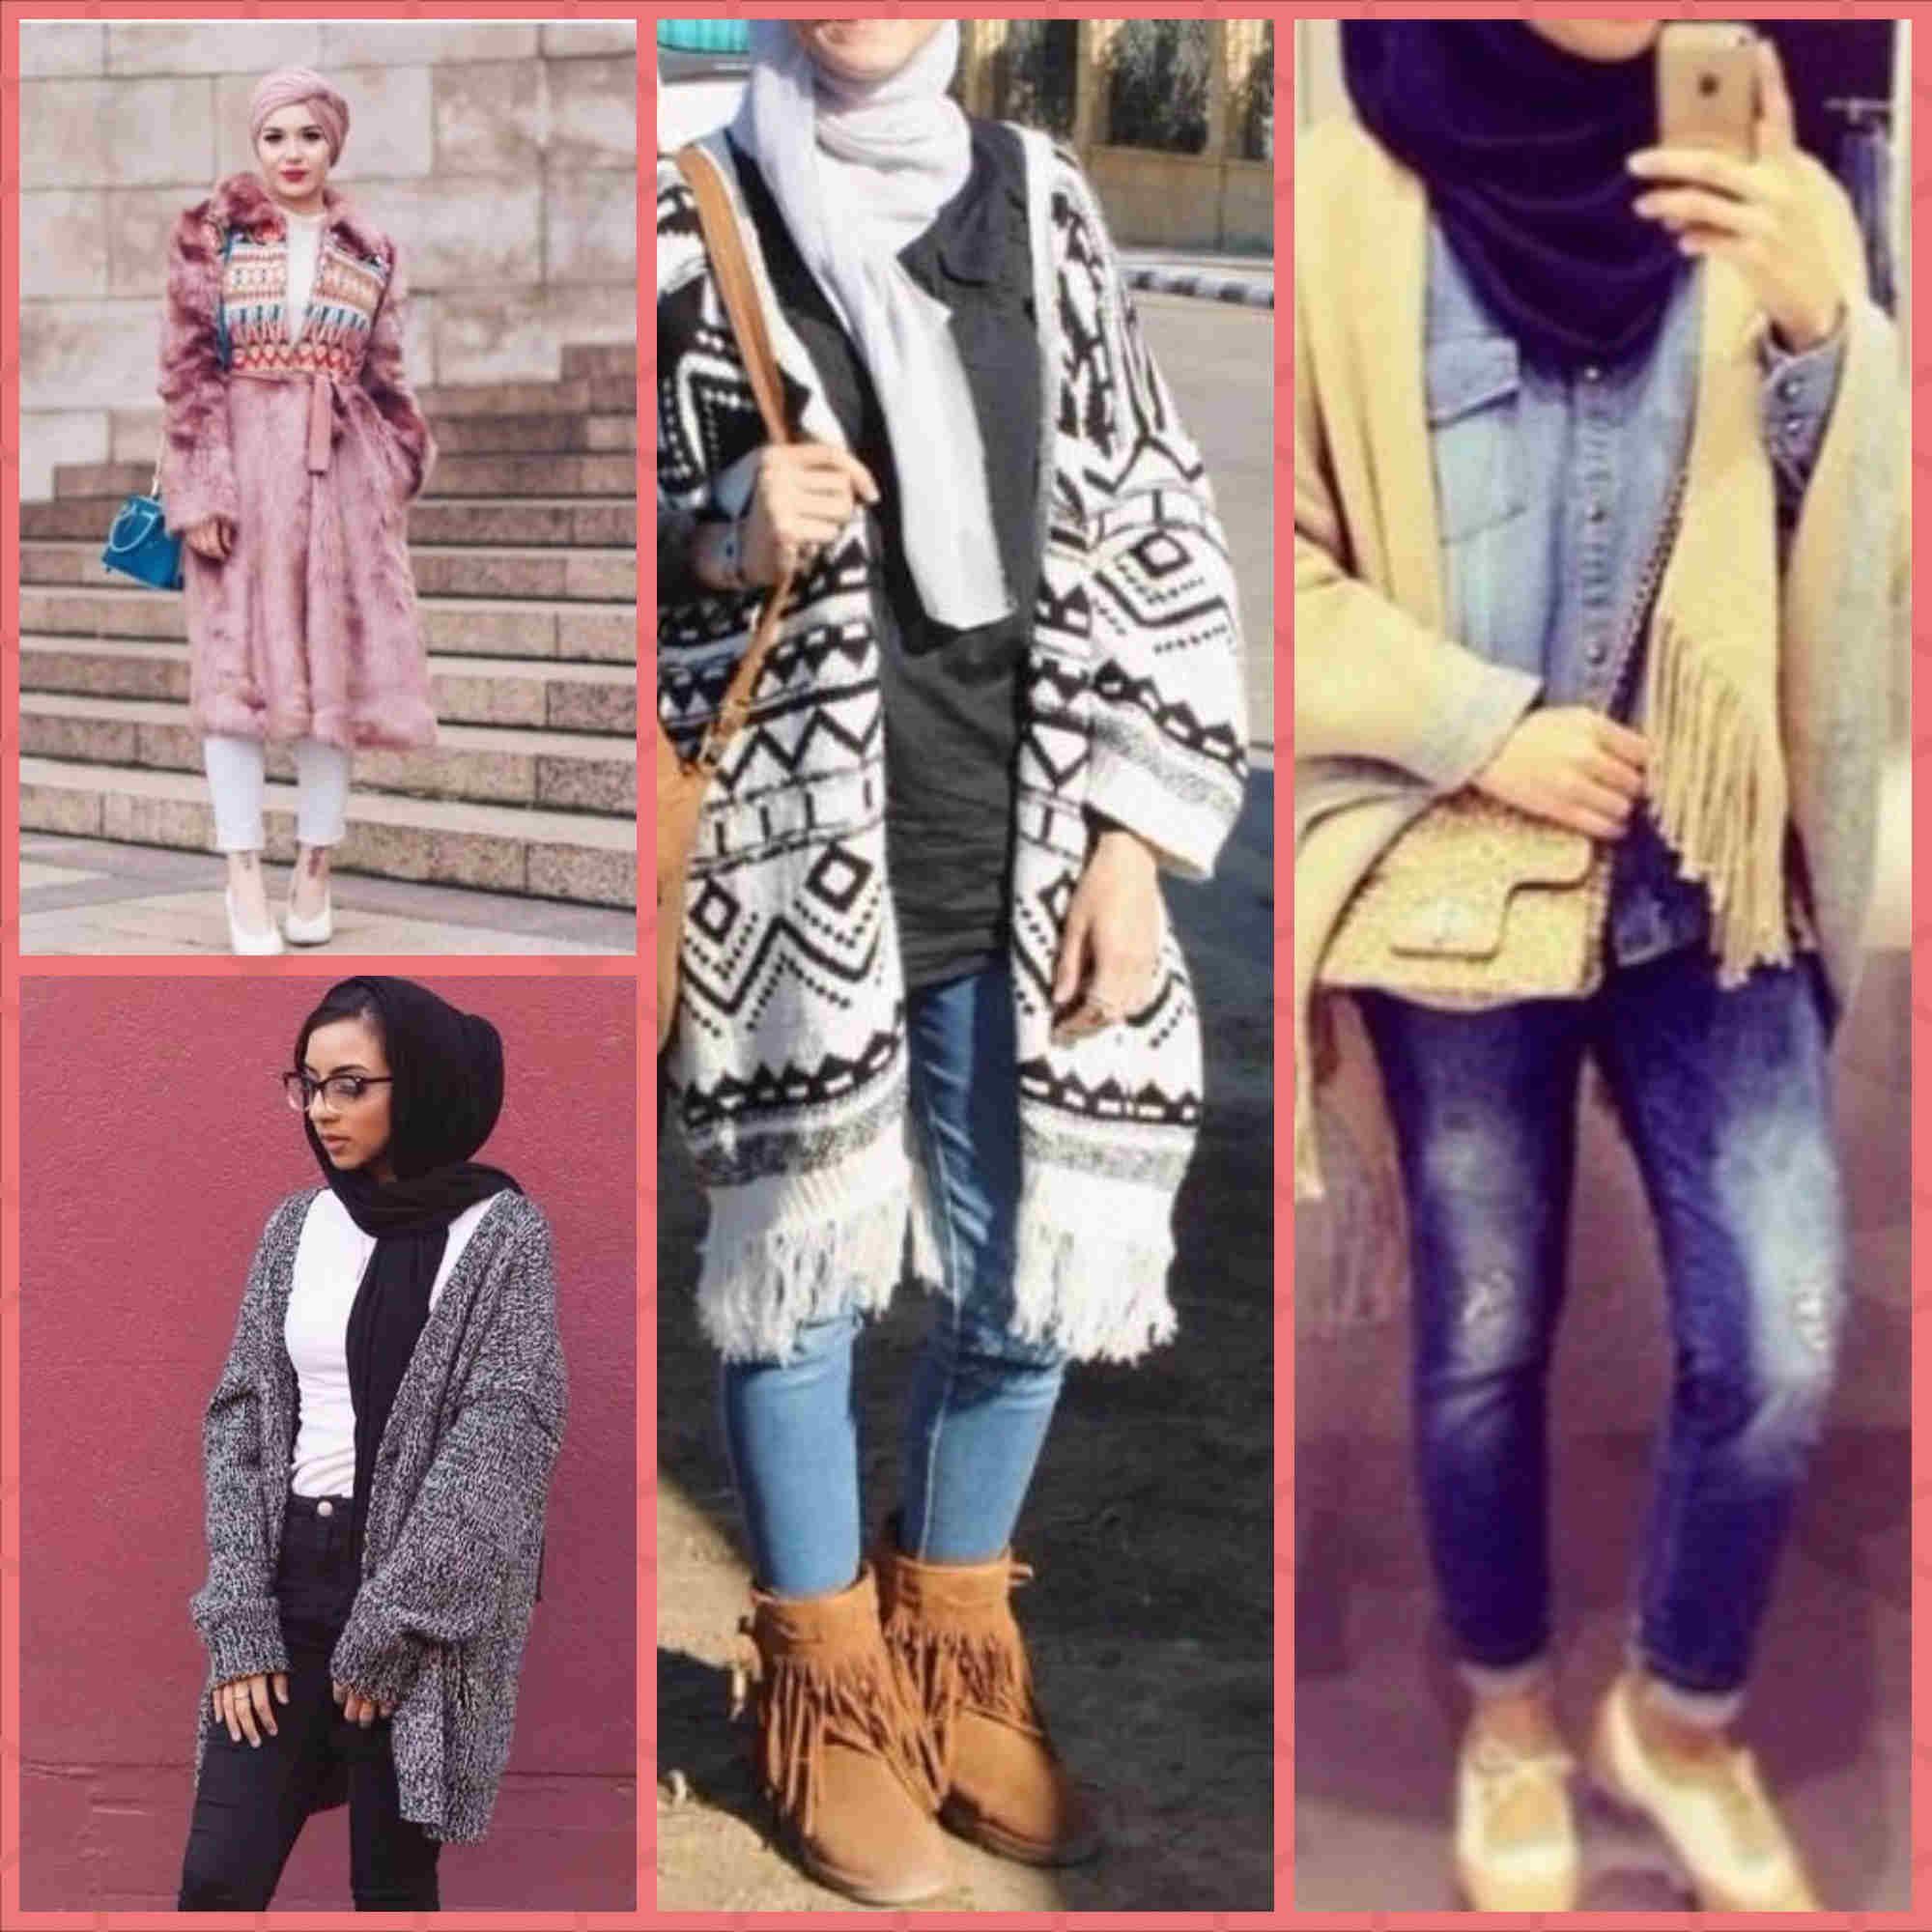 بالصور حجابات 2019 , اجمل و اجدد موديلات الحجابات 1105 11